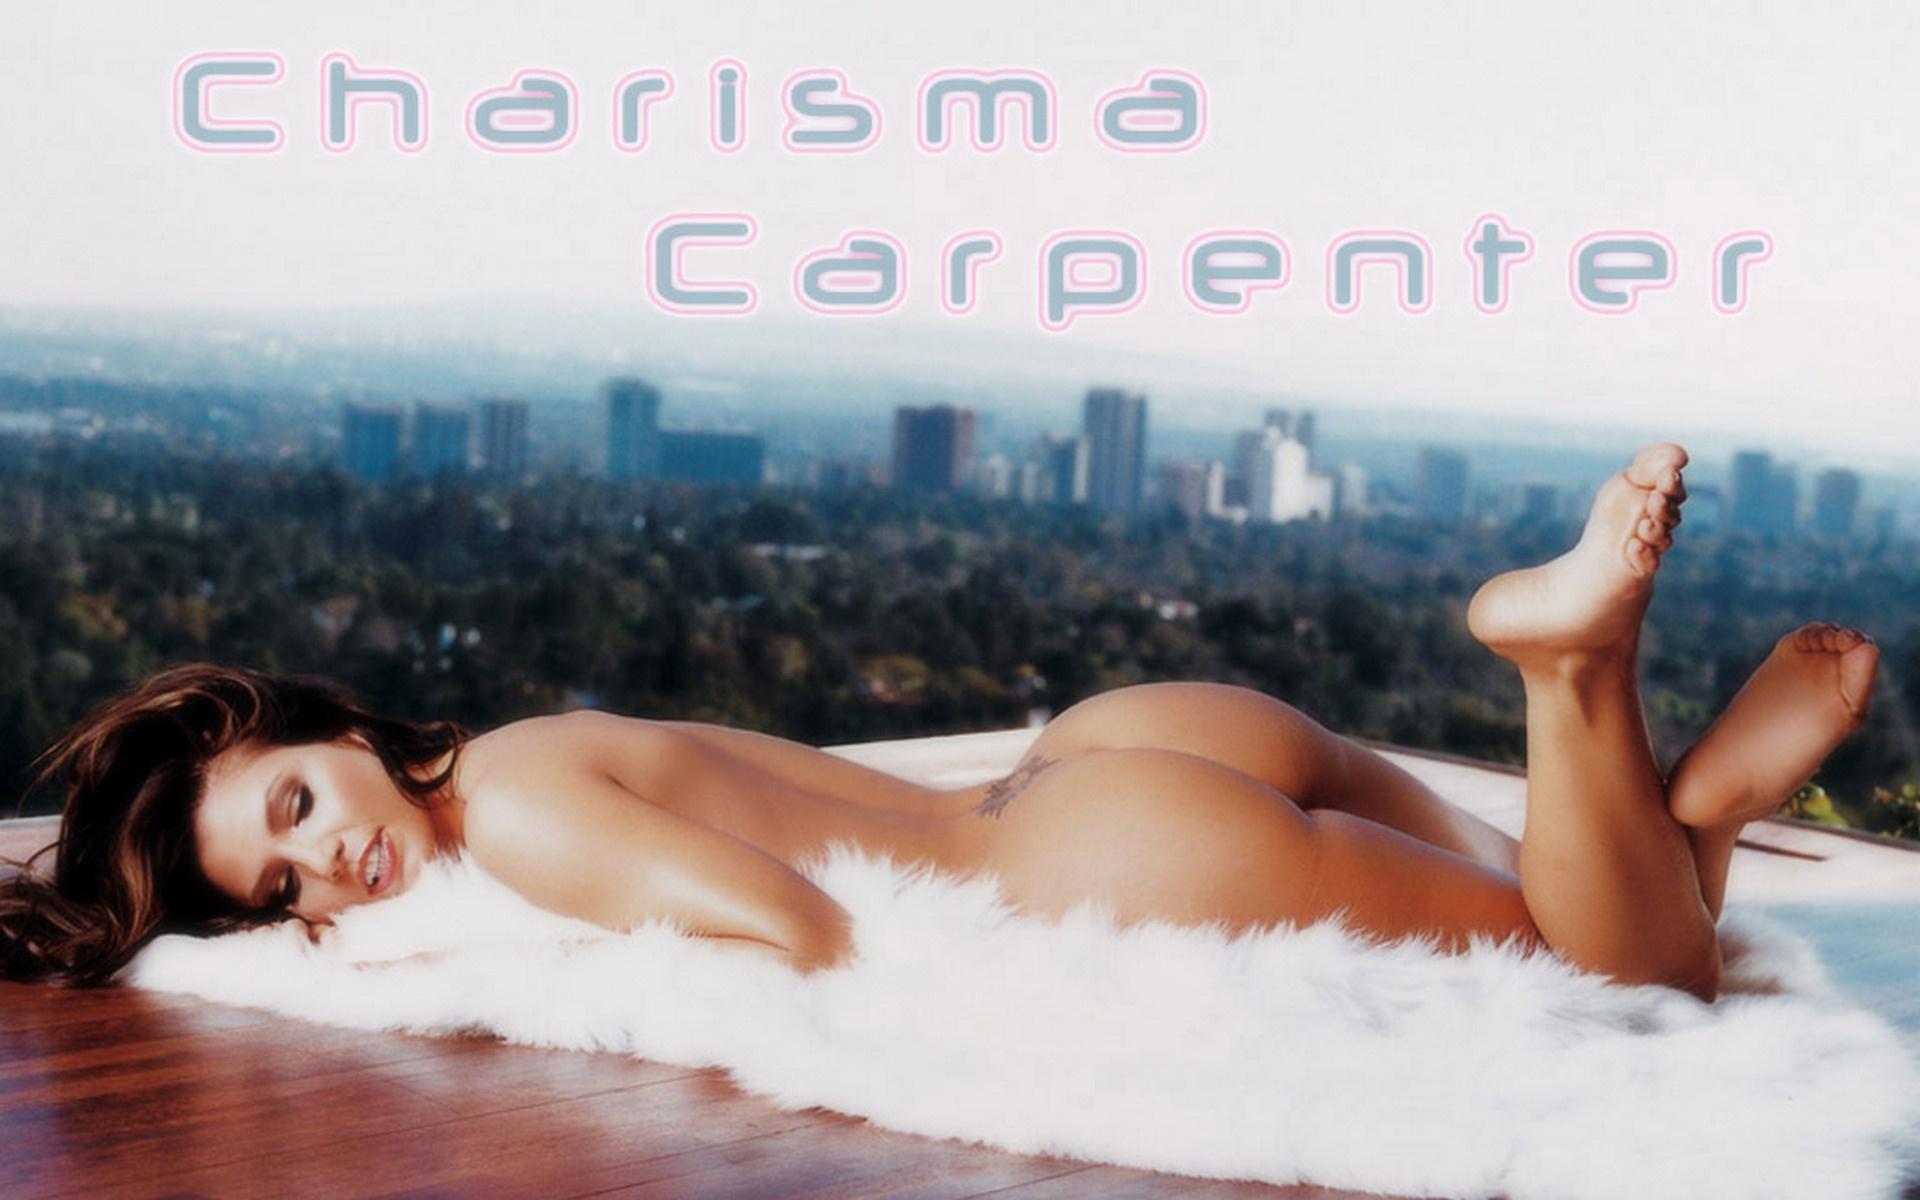 Харизма карпентер в порно 21 фотография